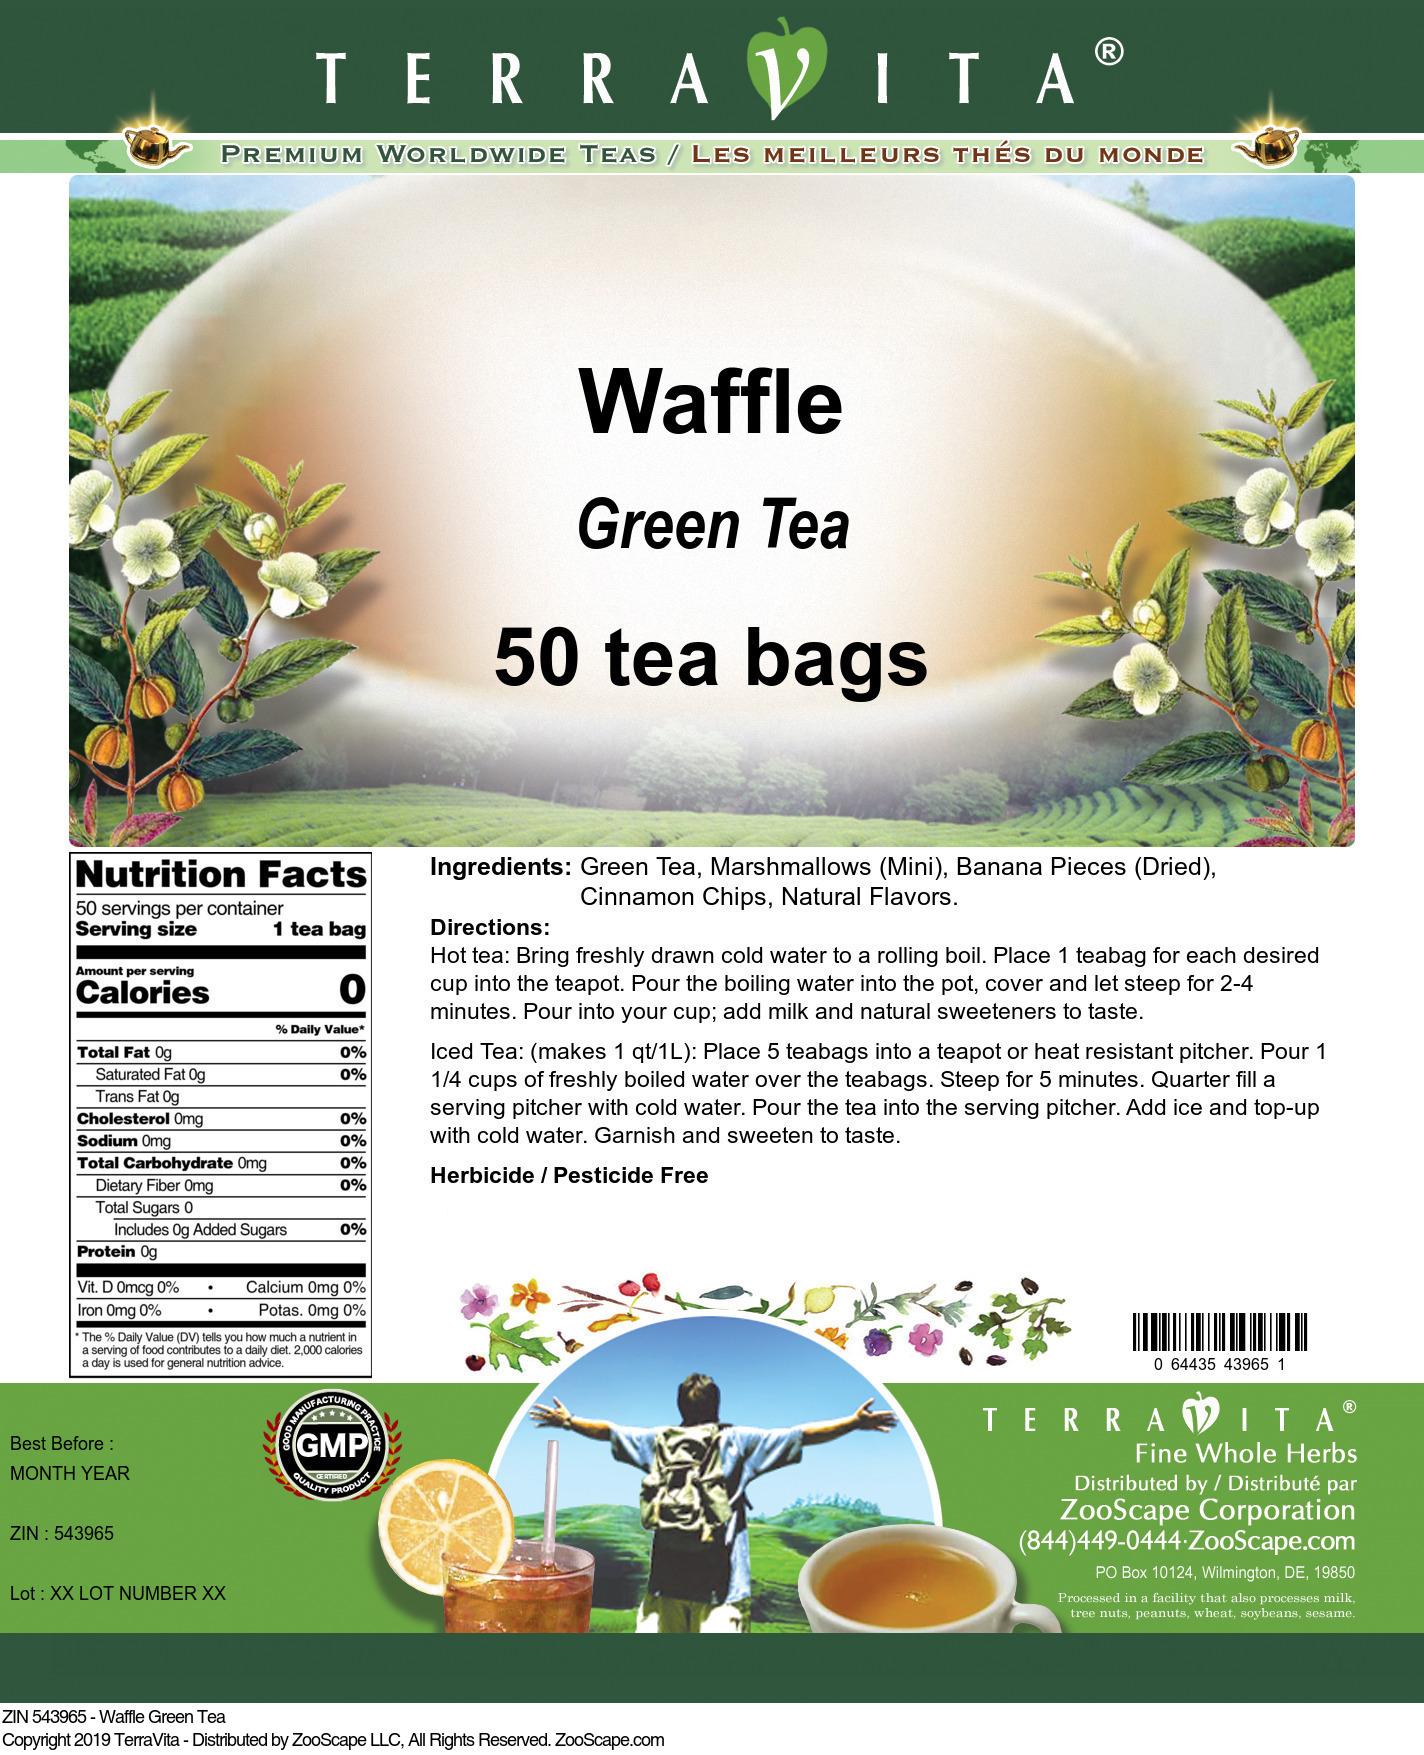 Waffle Green Tea